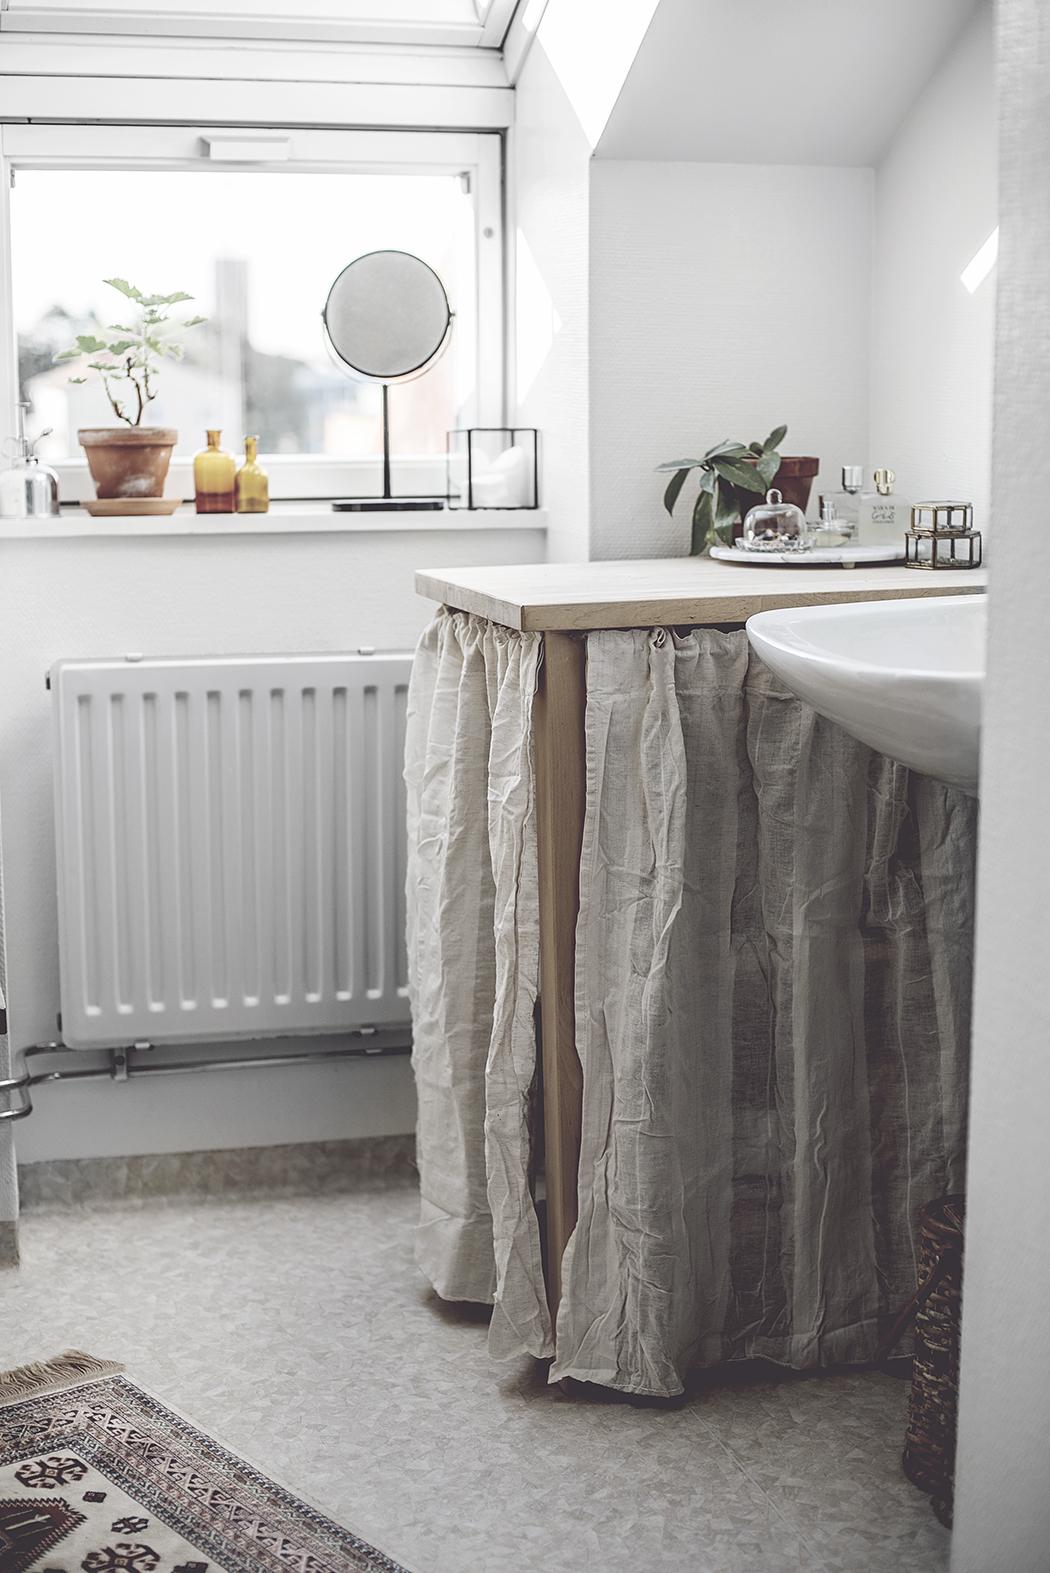 piffa upp badrummet med enkla (hållbara) medel